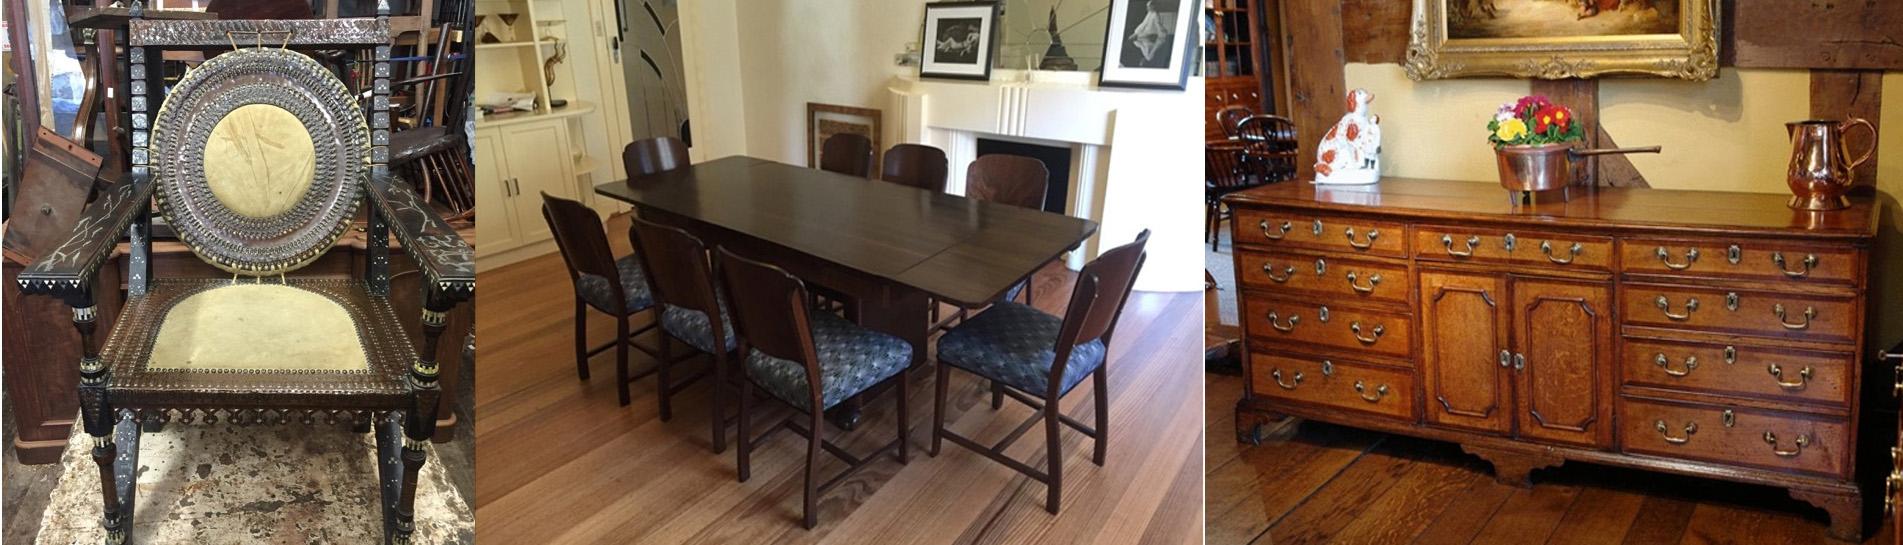 Jason Ladson Antique Restorations | 1417 MALVERN Road, MALVERN, Victoria 3144 | +61 3 9824 4755